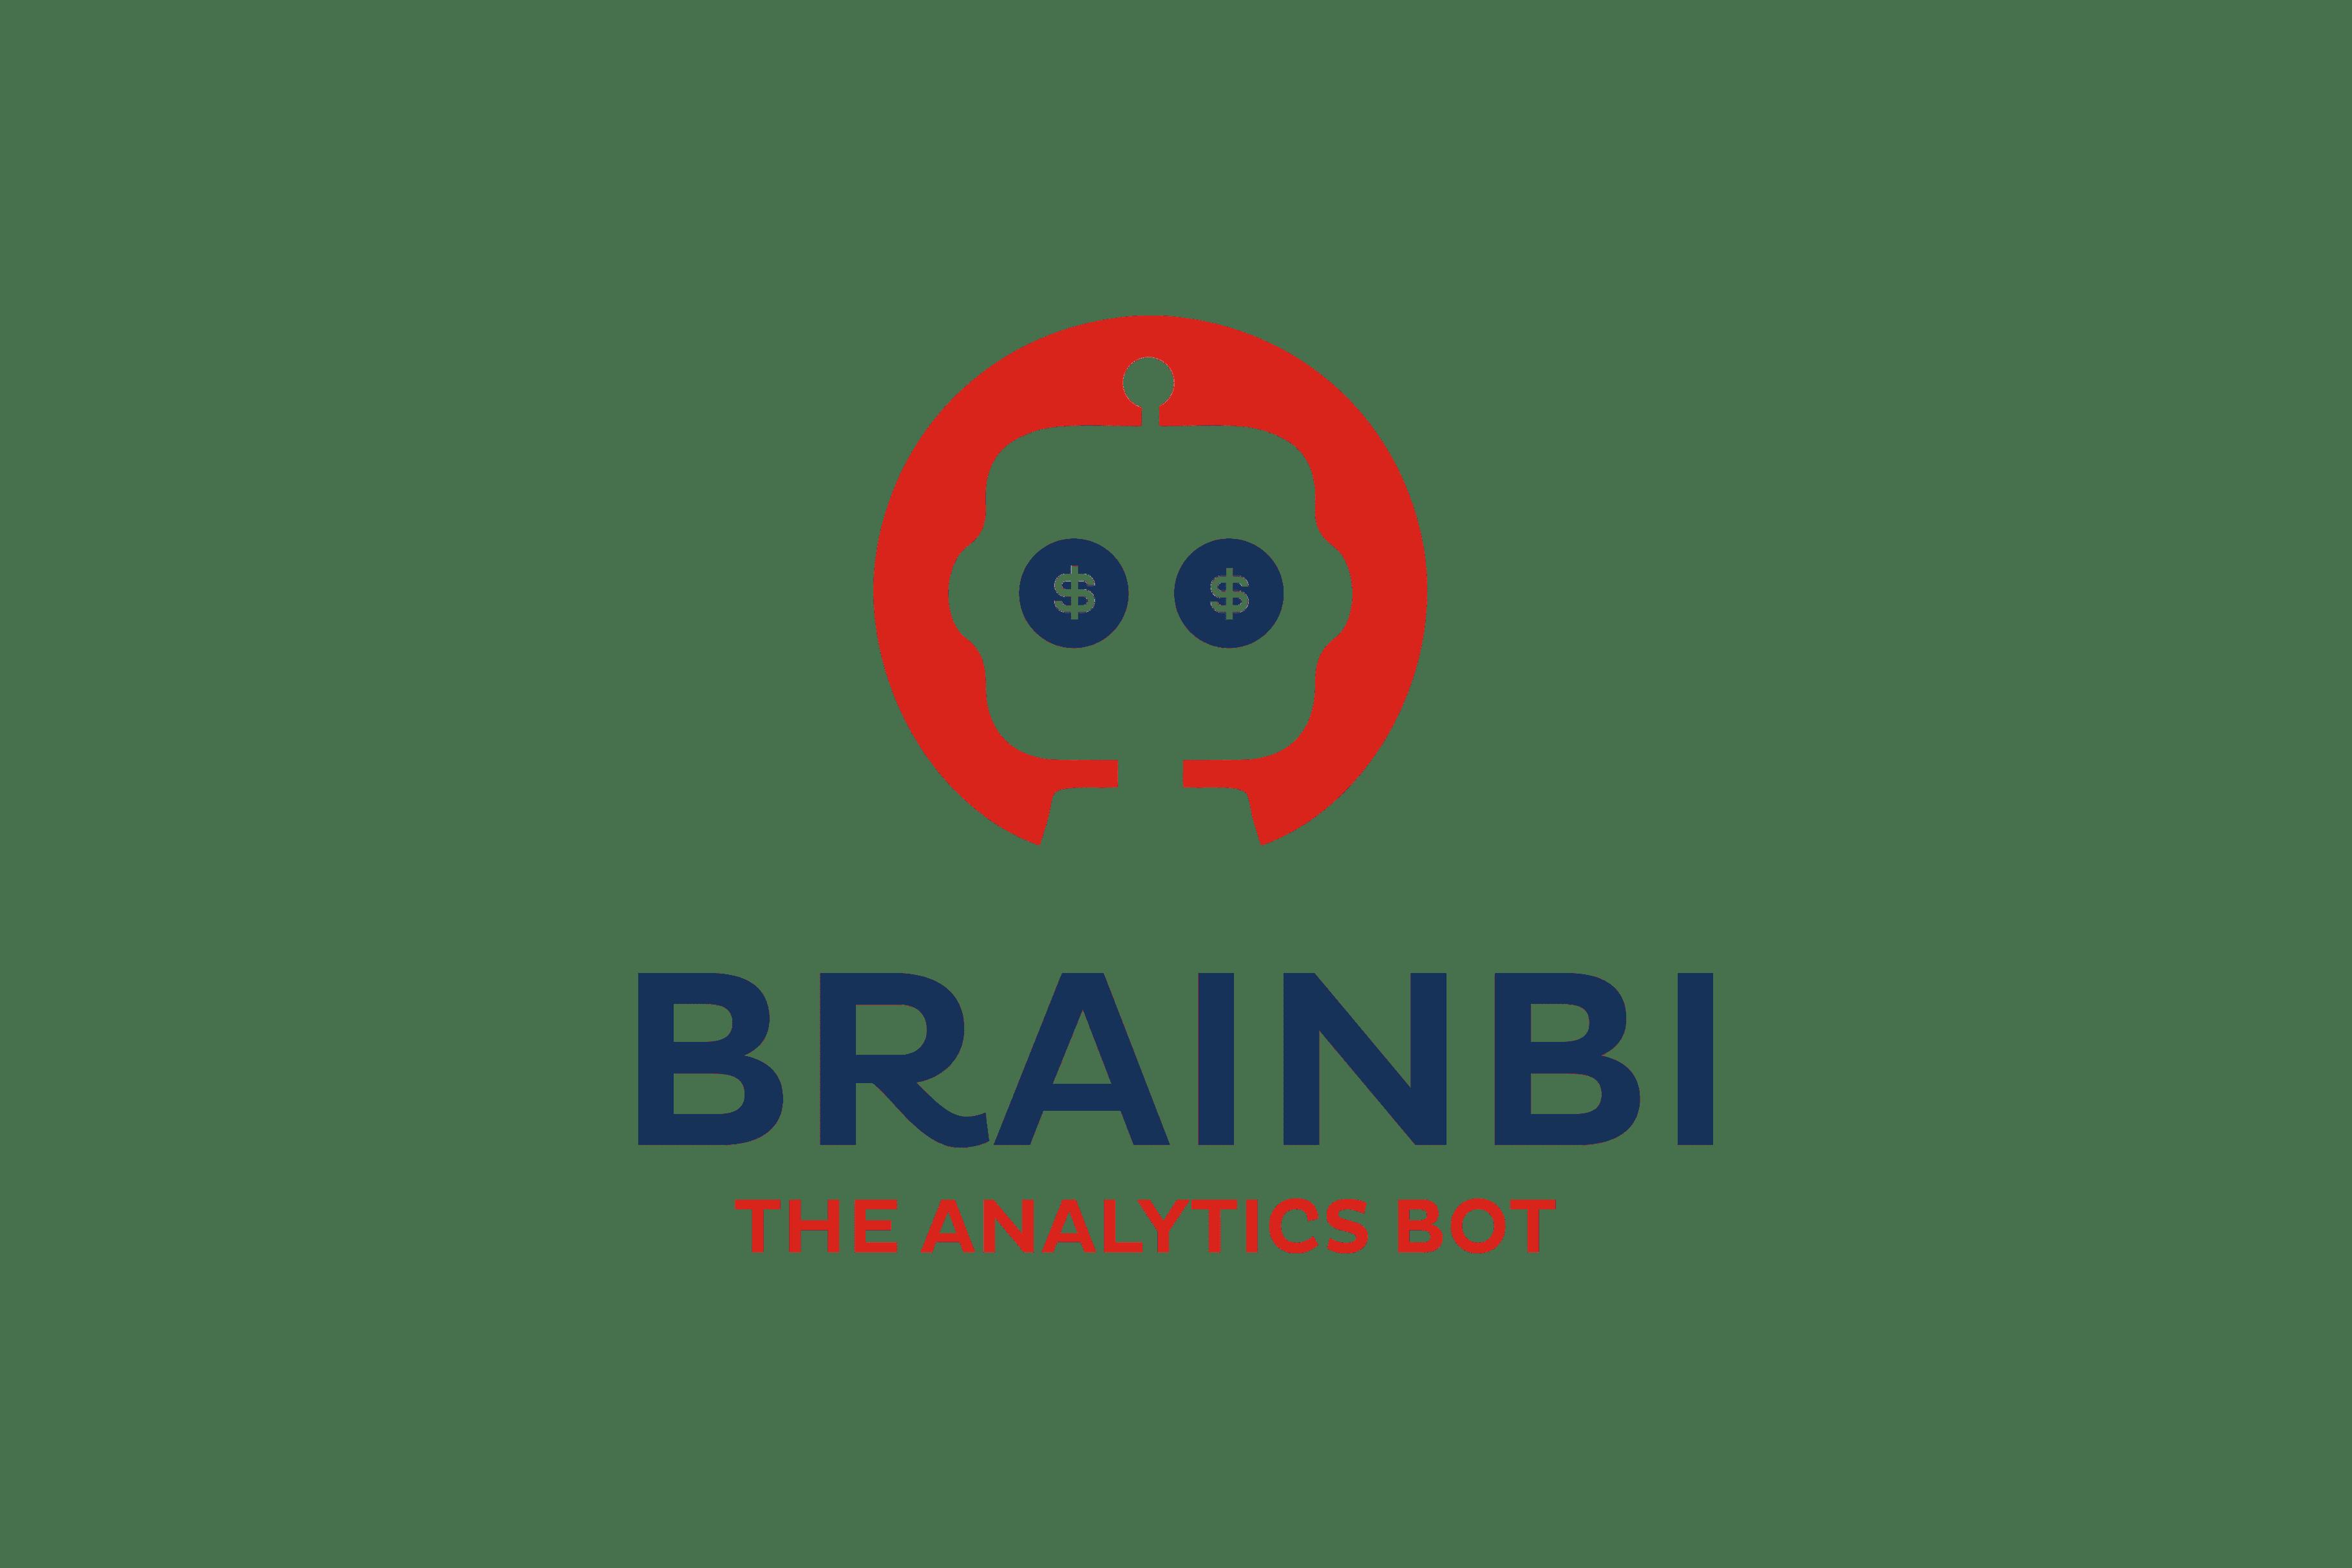 BRAINBI